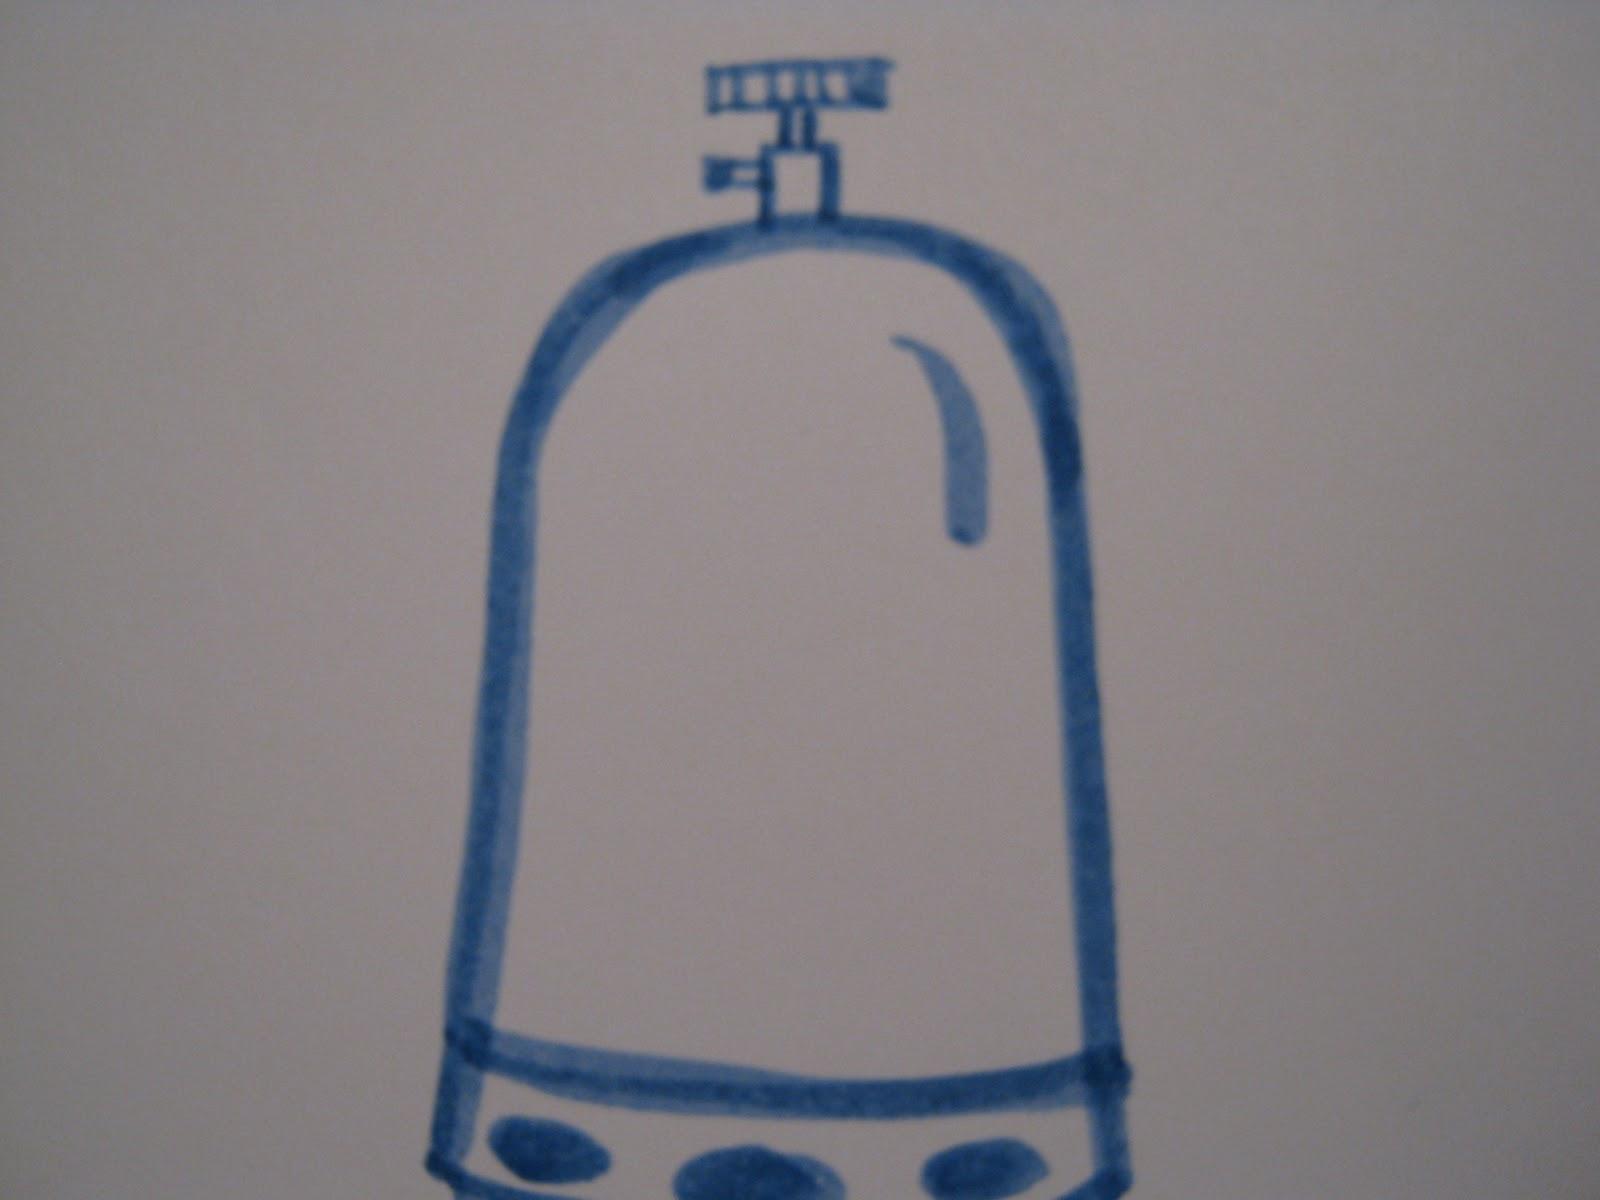 Comment choisir bouteille de gaz - Quel distributeur de gaz choisir ...